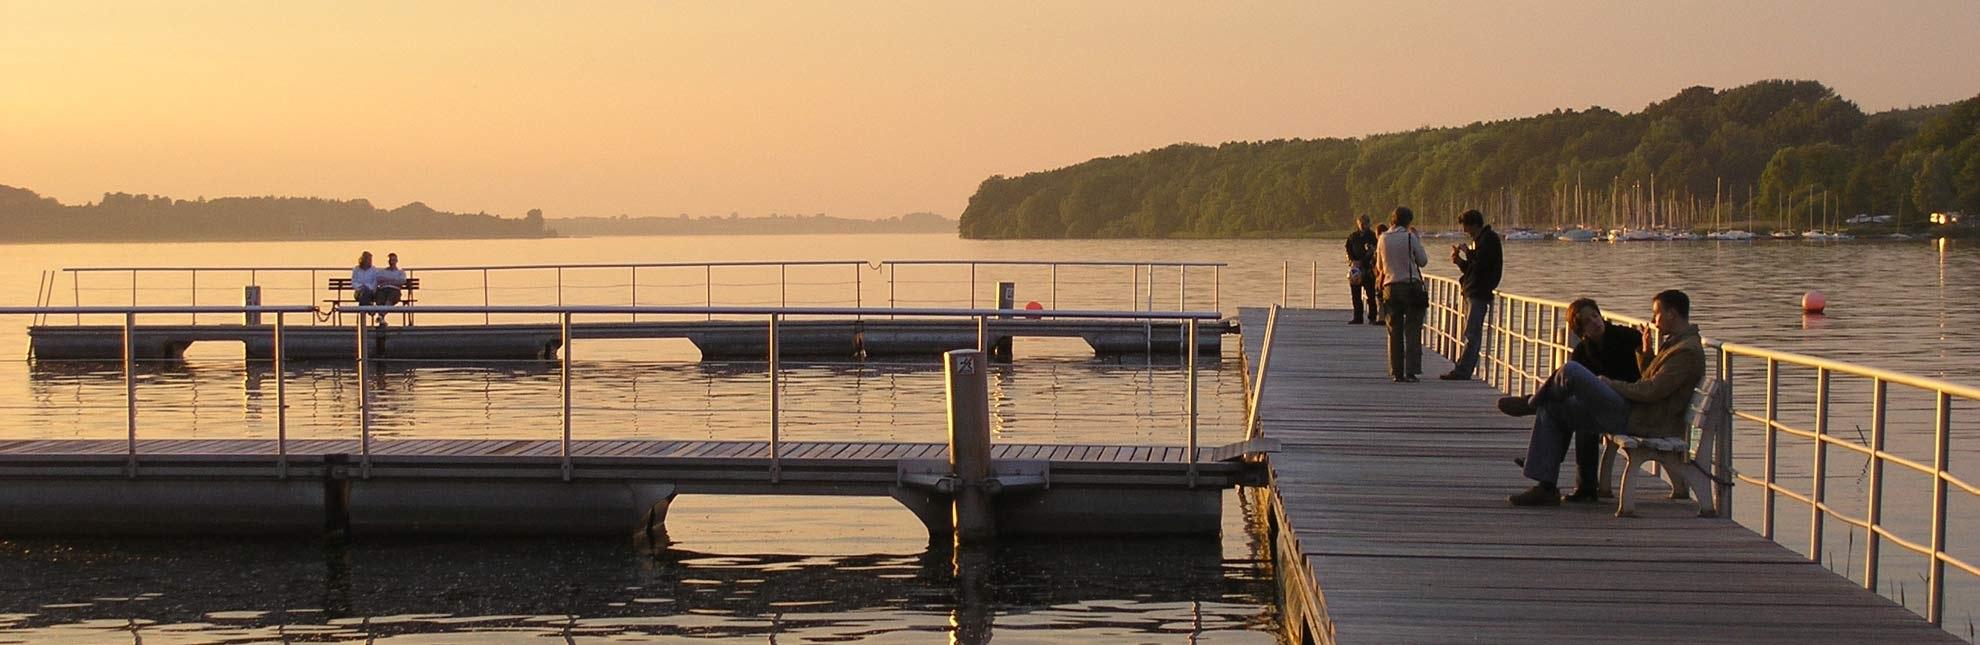 Abendstimmung am Ratzeburger See: Die Badeanstalt an der Schlosswiese., © Carina Jahnke / HLMS GmbH